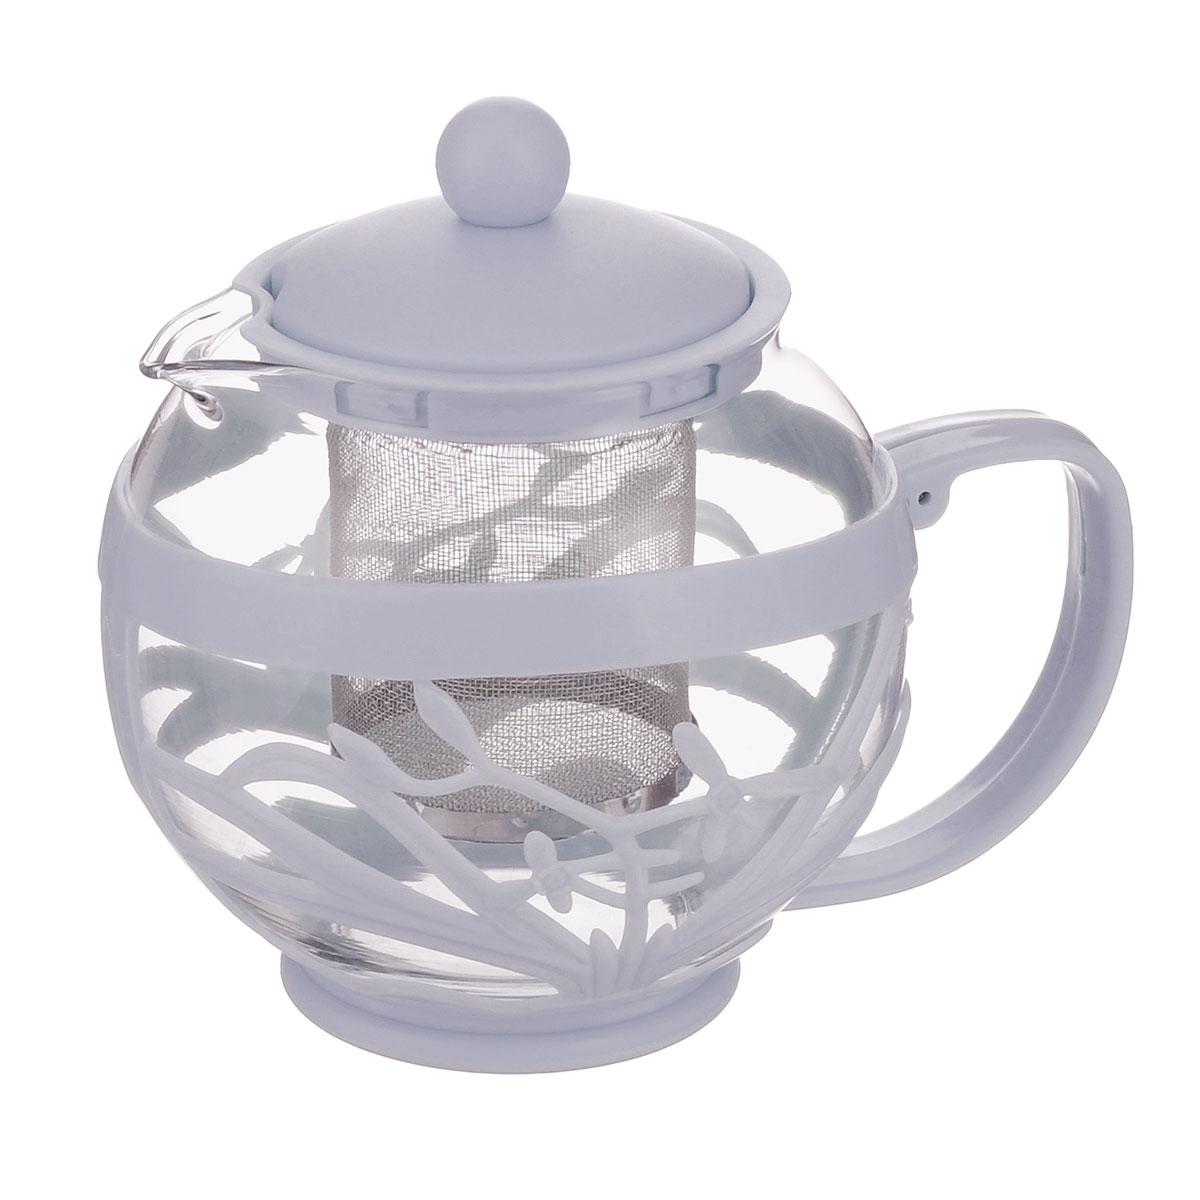 Чайник заварочный Menu Мелисса, с фильтром, цвет: прозрачный, серый, 750 млMLS-75_серЧайник Menu Мелисса изготовлен из прочного стекла и пластика. Он прекрасно подойдет для заваривания чая и травяных напитков. Классический стиль и оптимальный объем делают его удобным и оригинальным аксессуаром. Изделие имеет удлиненный металлический фильтр, который обеспечивает высокое качество фильтрации напитка и позволяет заварить чай даже при небольшом уровне воды. Ручка чайника не нагревается и обеспечивает безопасность использования. Нельзя мыть в посудомоечной машине. Диаметр чайника (по верхнему краю): 8 см.Высота чайника (без учета крышки): 11 см.Размер фильтра: 6 х 6 х 7,2 см.